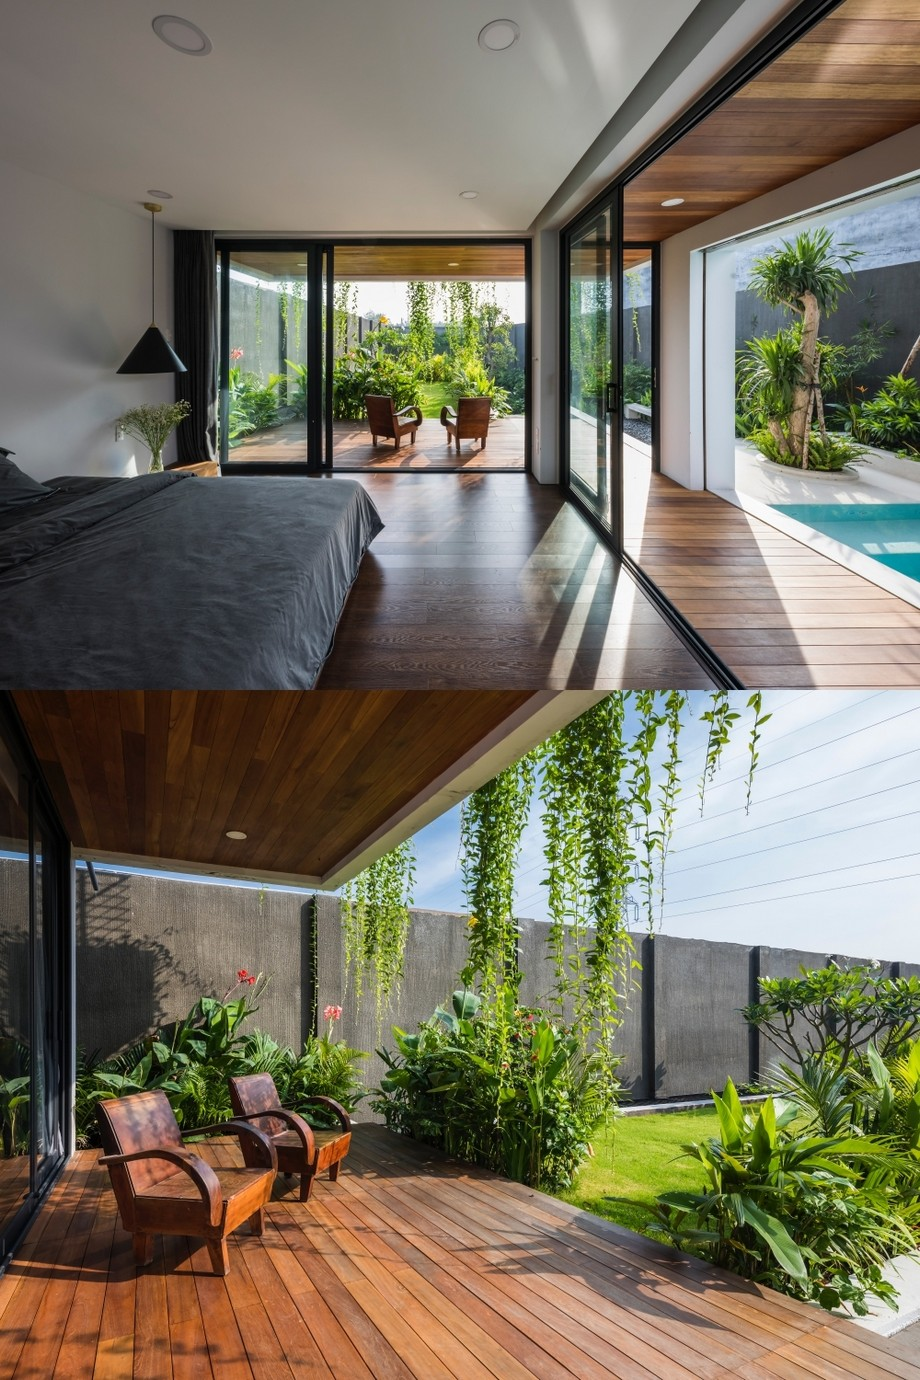 Thiết kế phòng ngủ theo phong cách mở